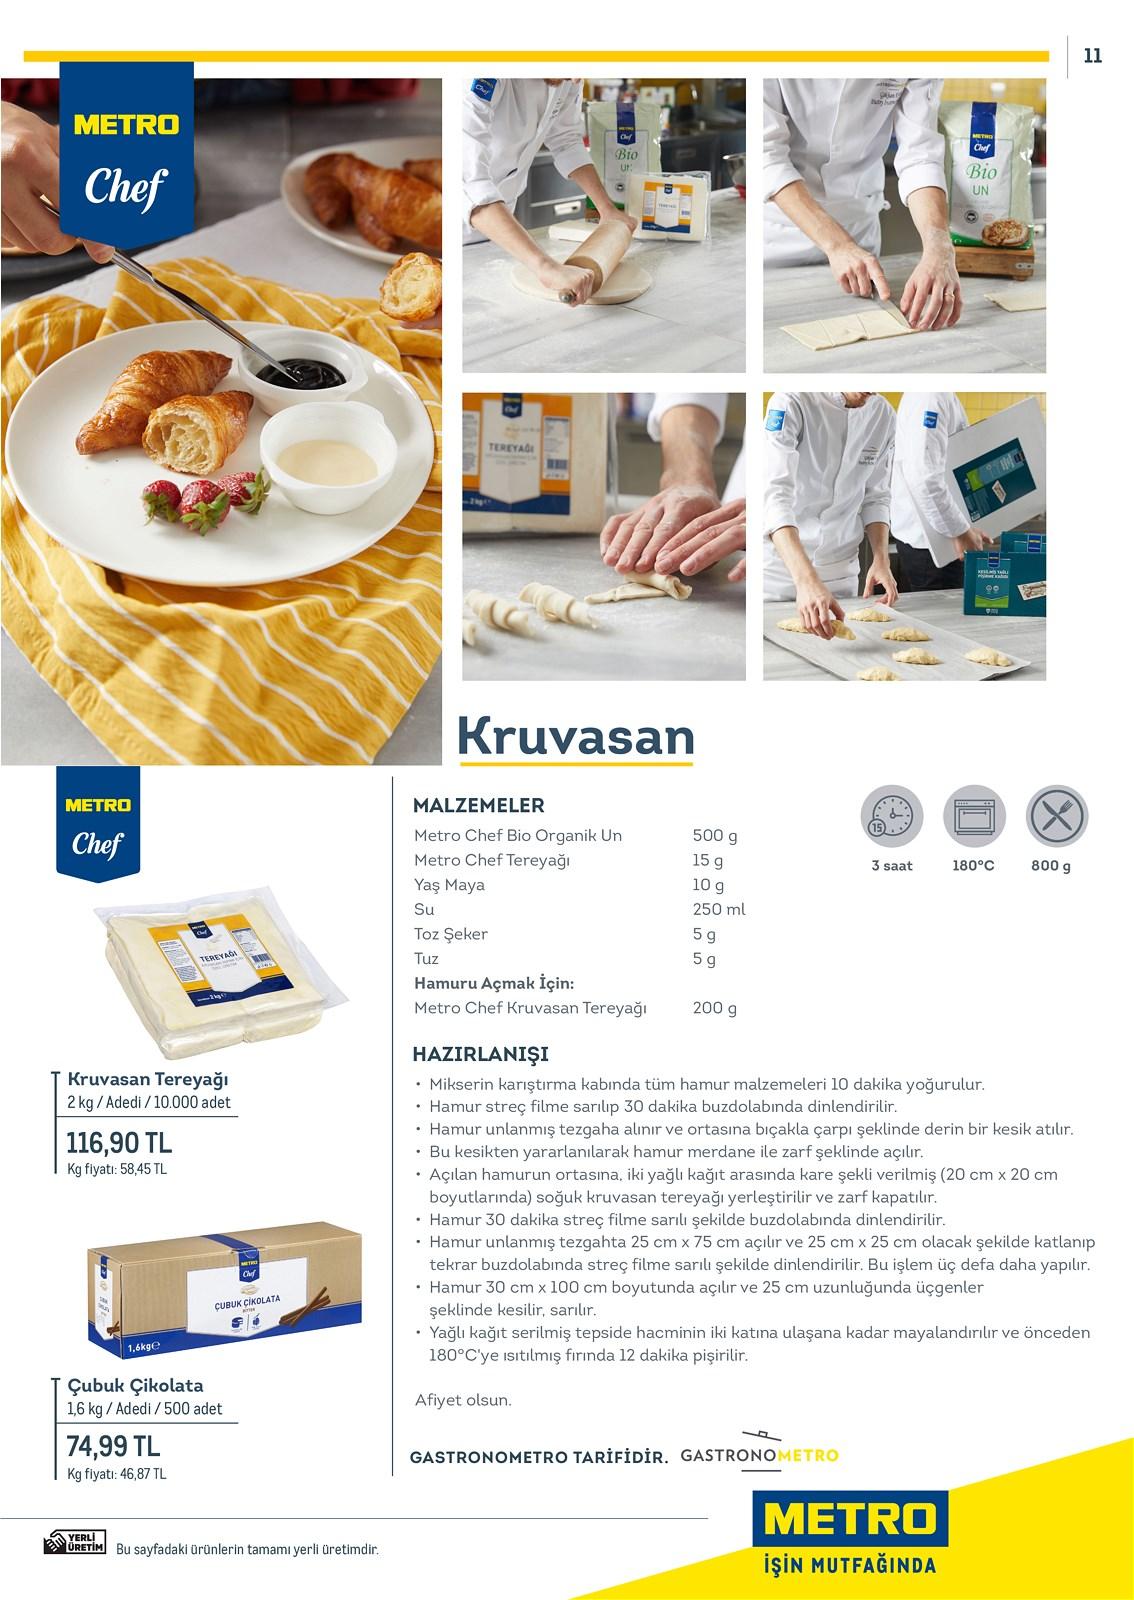 24.05.2021 Metro broşürü 11. sayfa